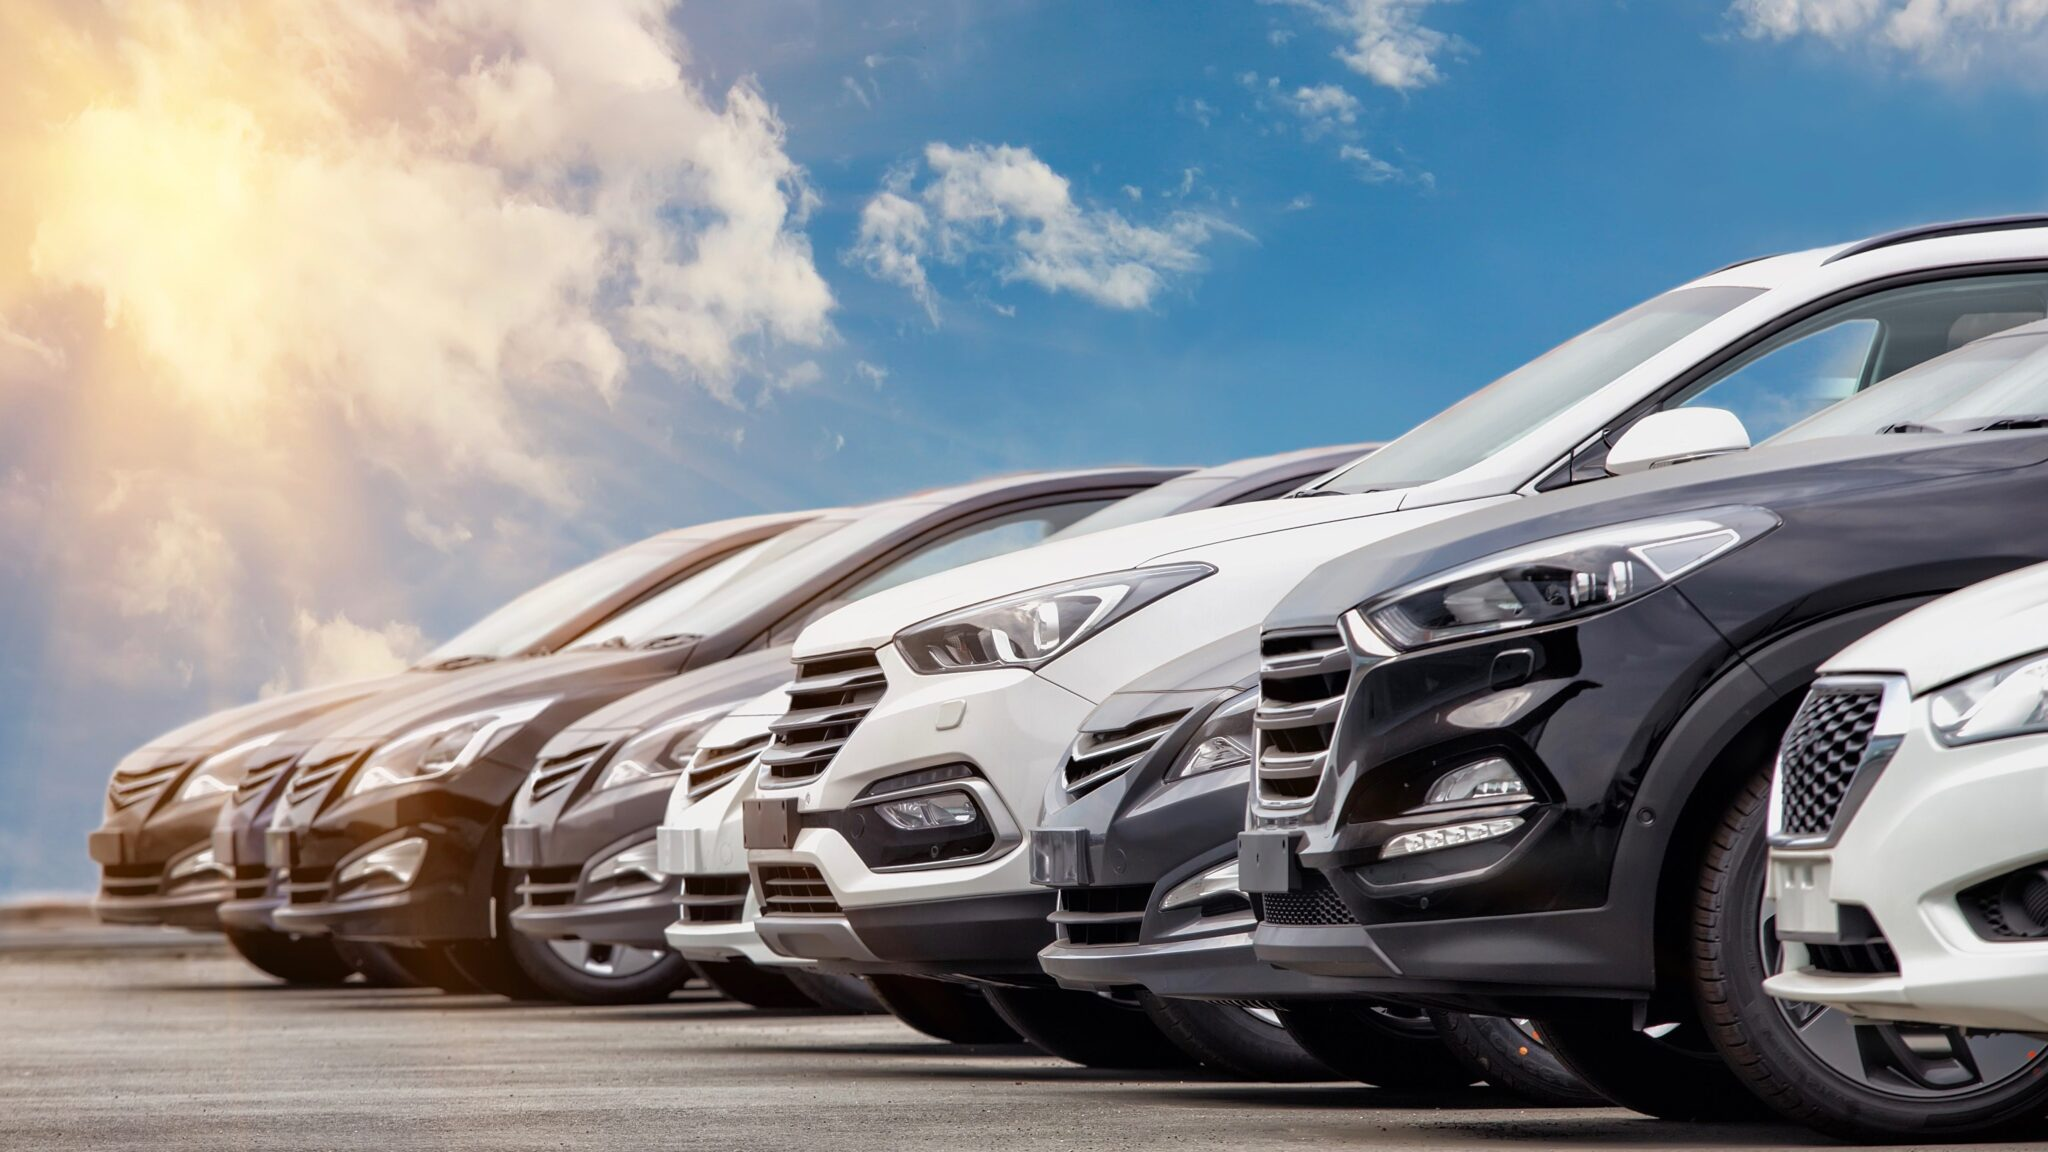 Carros-Certificado-Autopartes